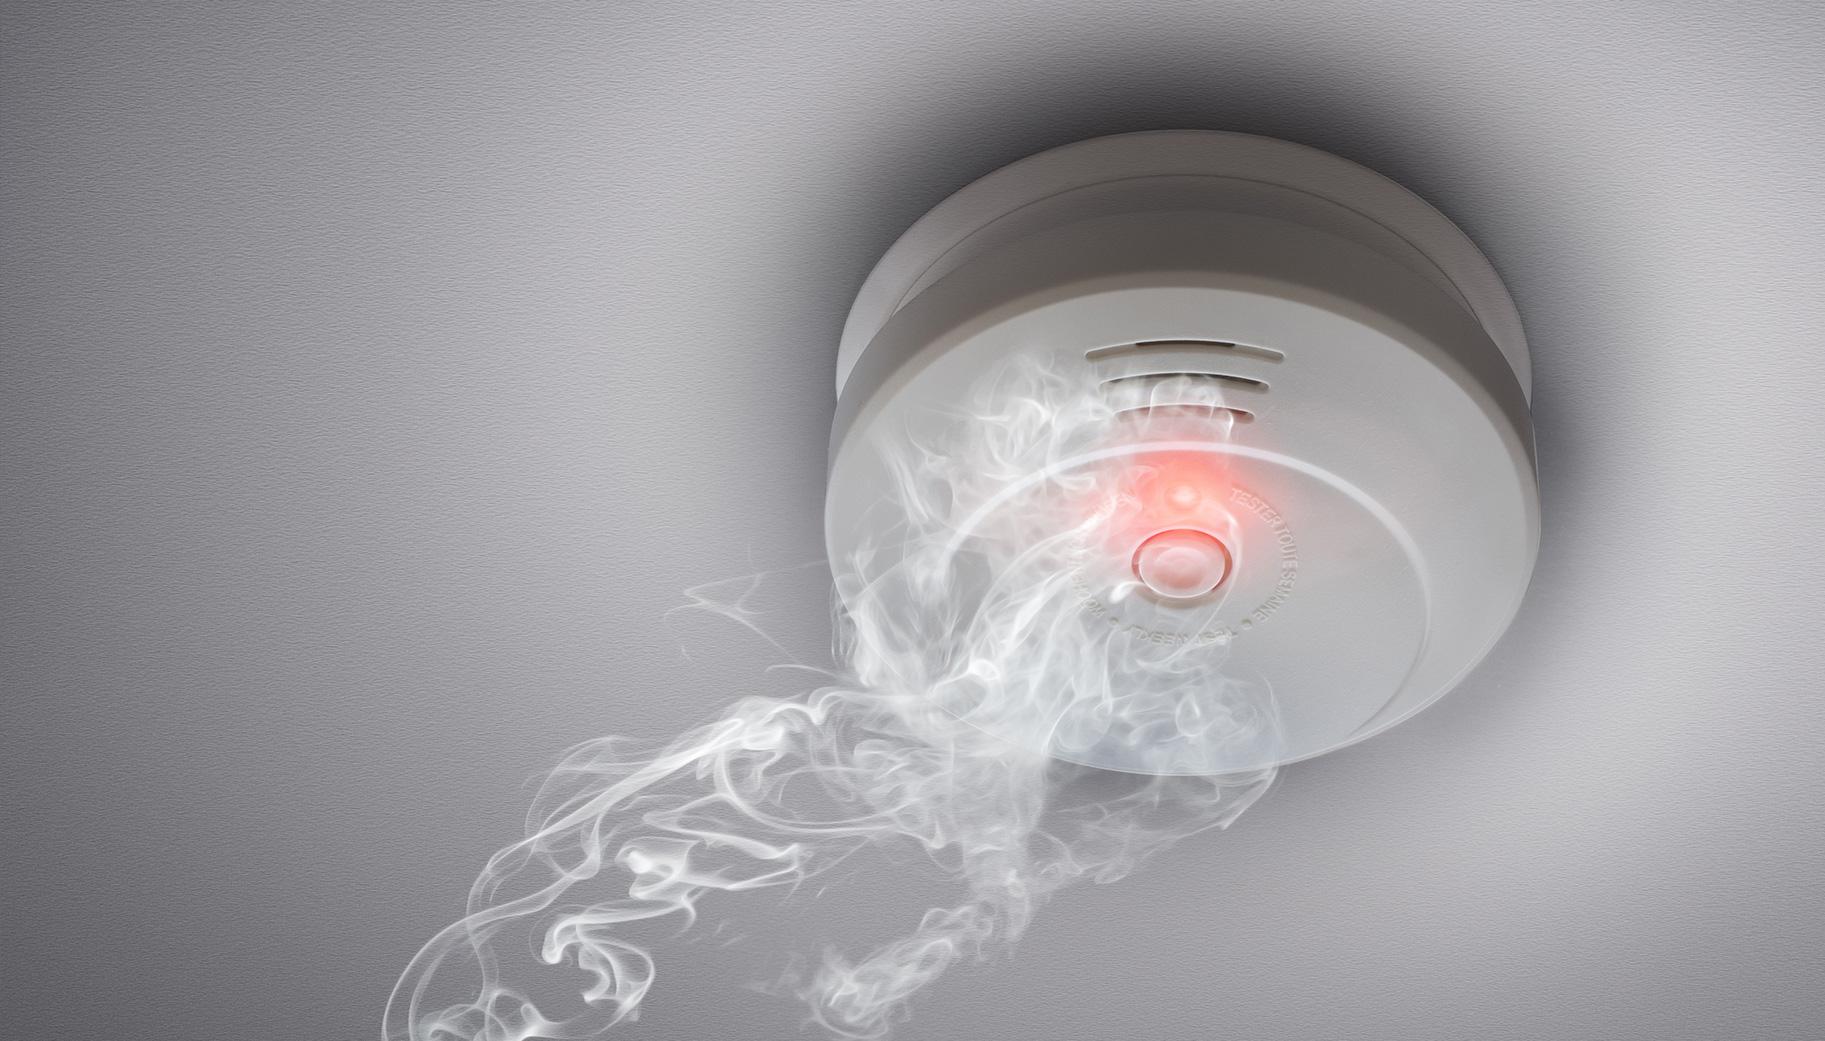 Rauchmelder E-Zigarette Dampf